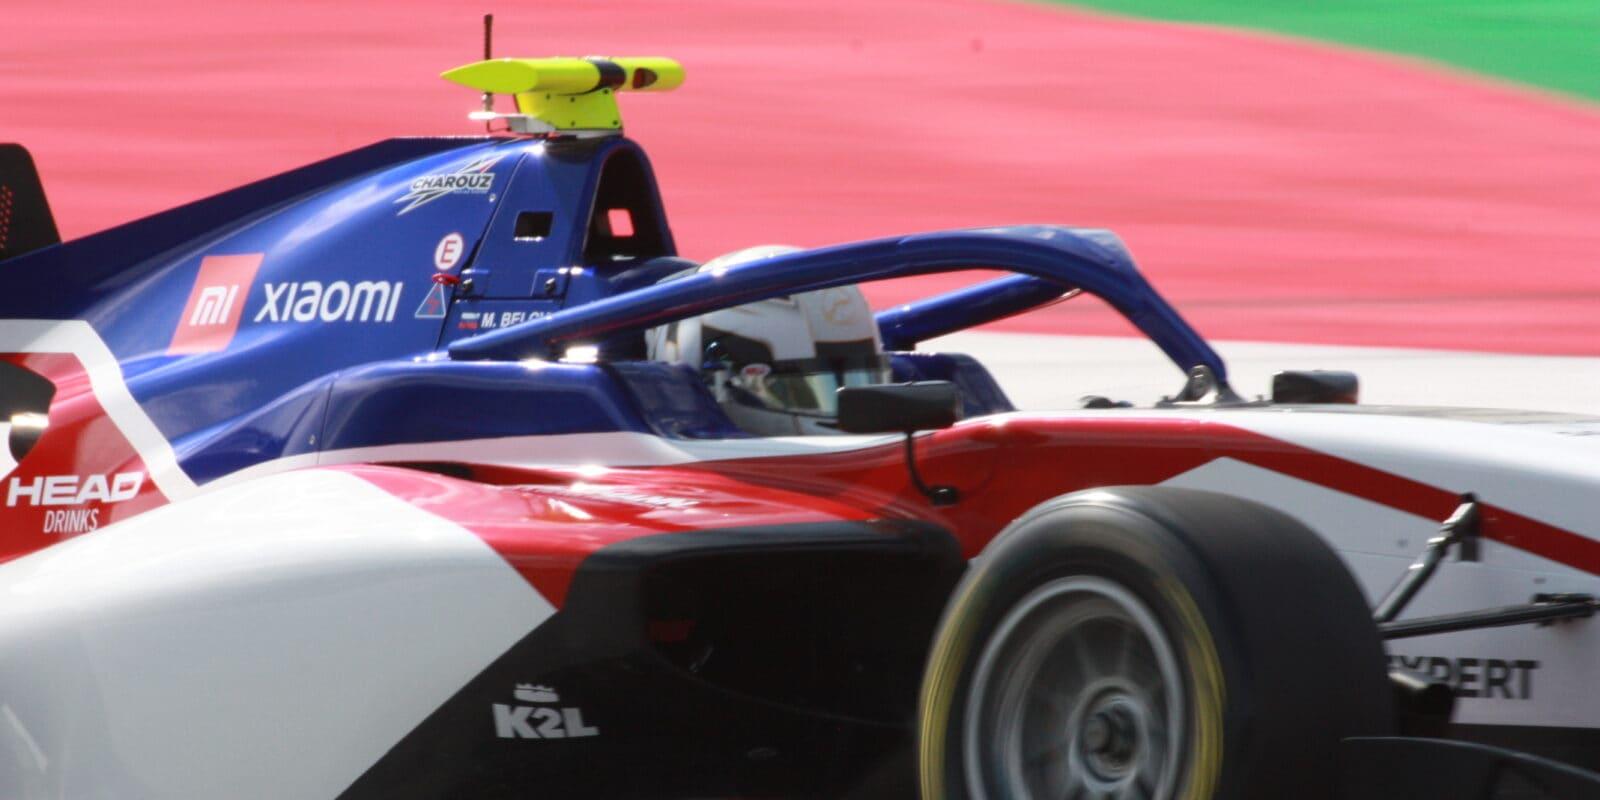 Po testu F3: Charouz Racing System před průlomem?